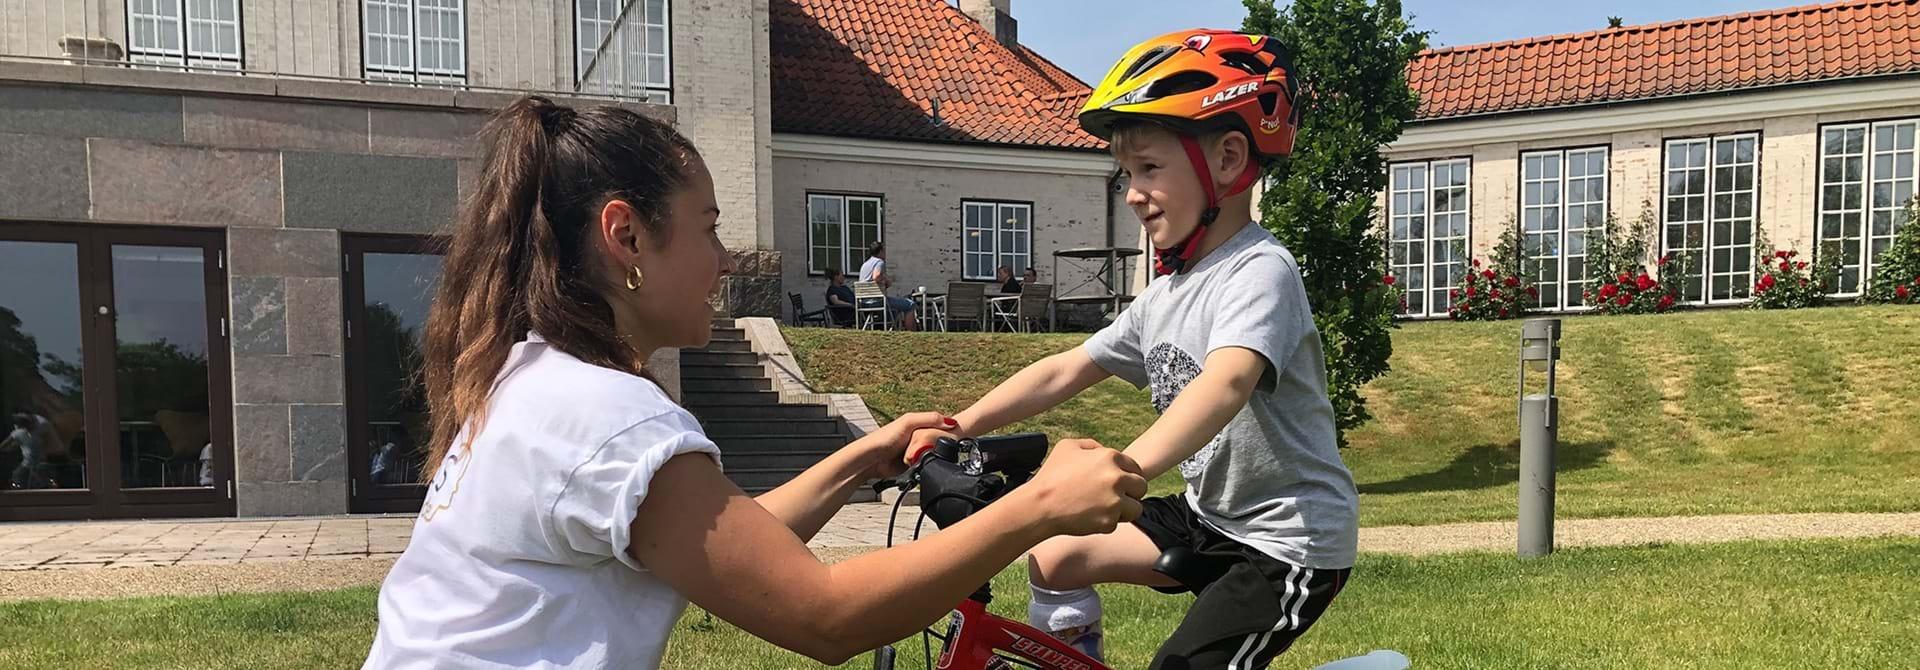 Cykelskole